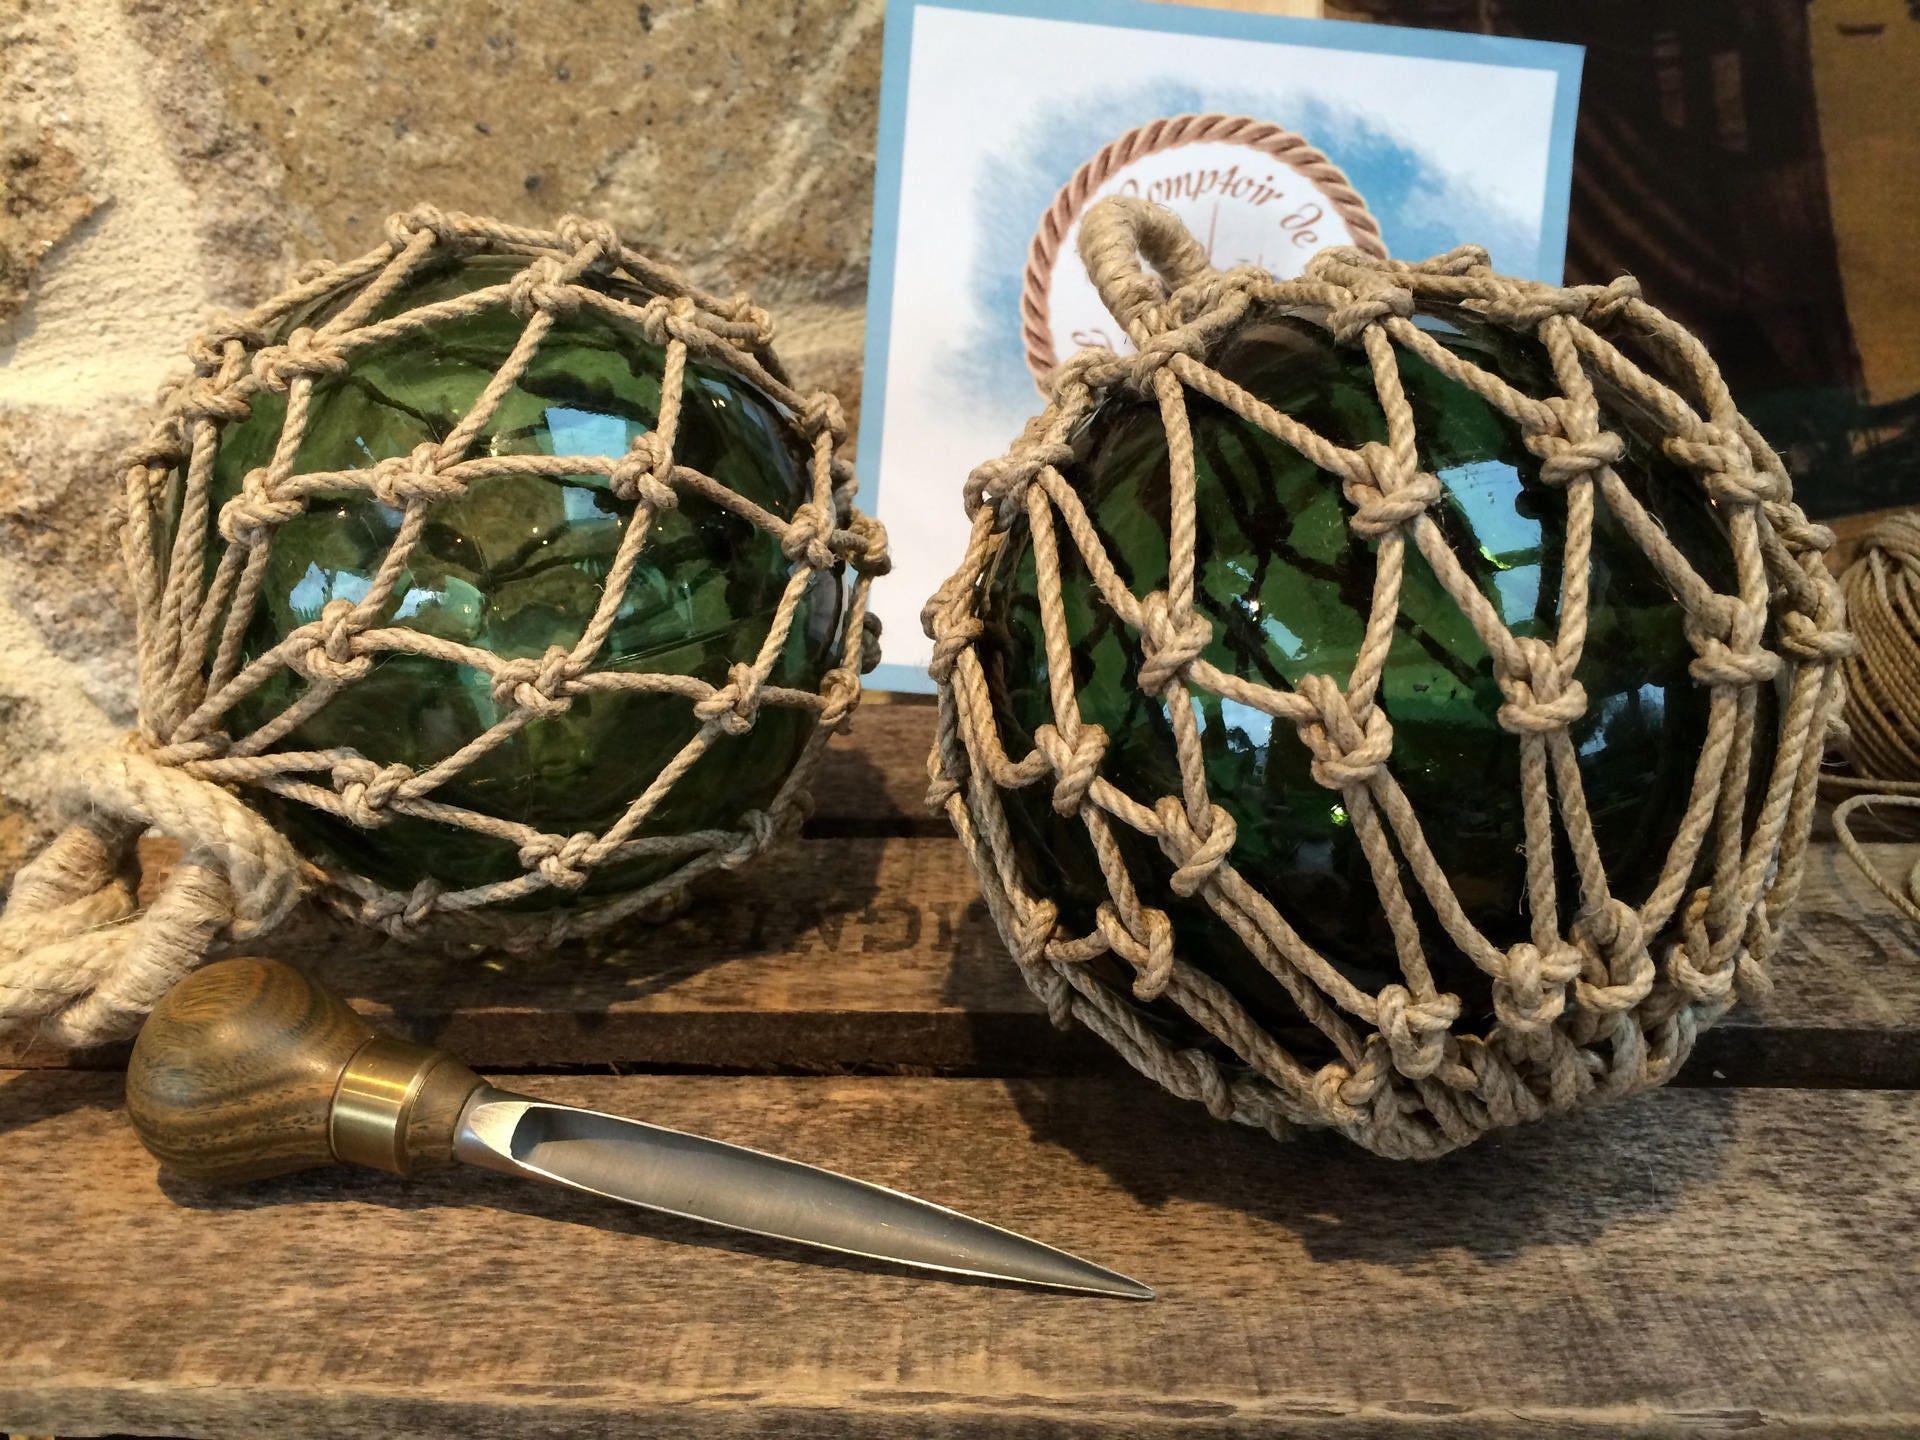 D coration marine boule flotteurs de p che verre n uds for Filet de peche decoration